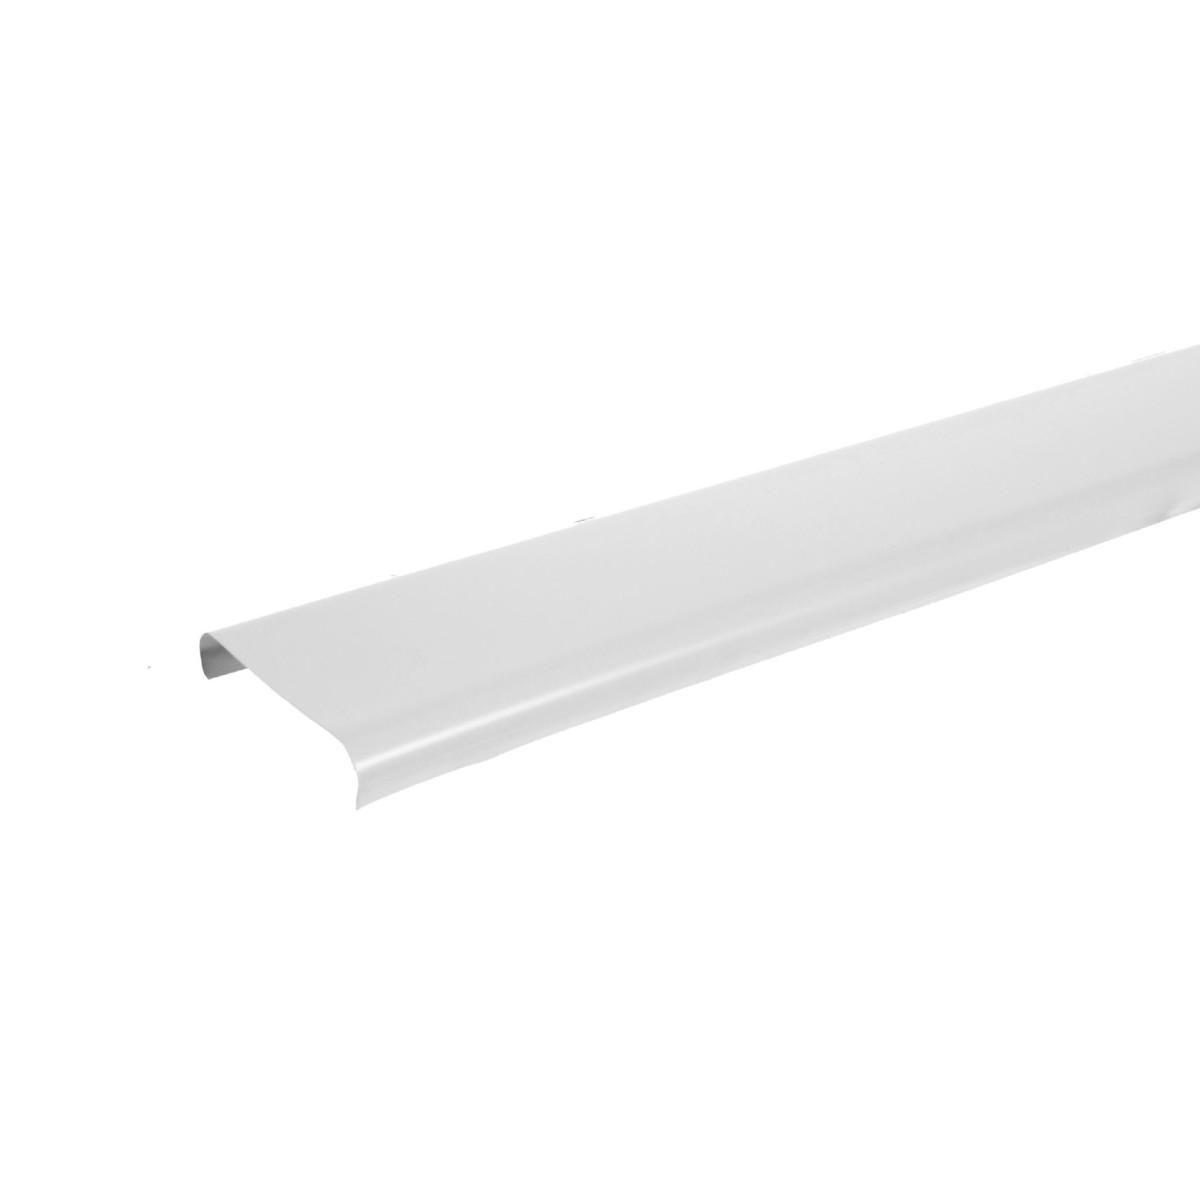 Набор реек 2.5х1 м цвет белый матовый без раскладки